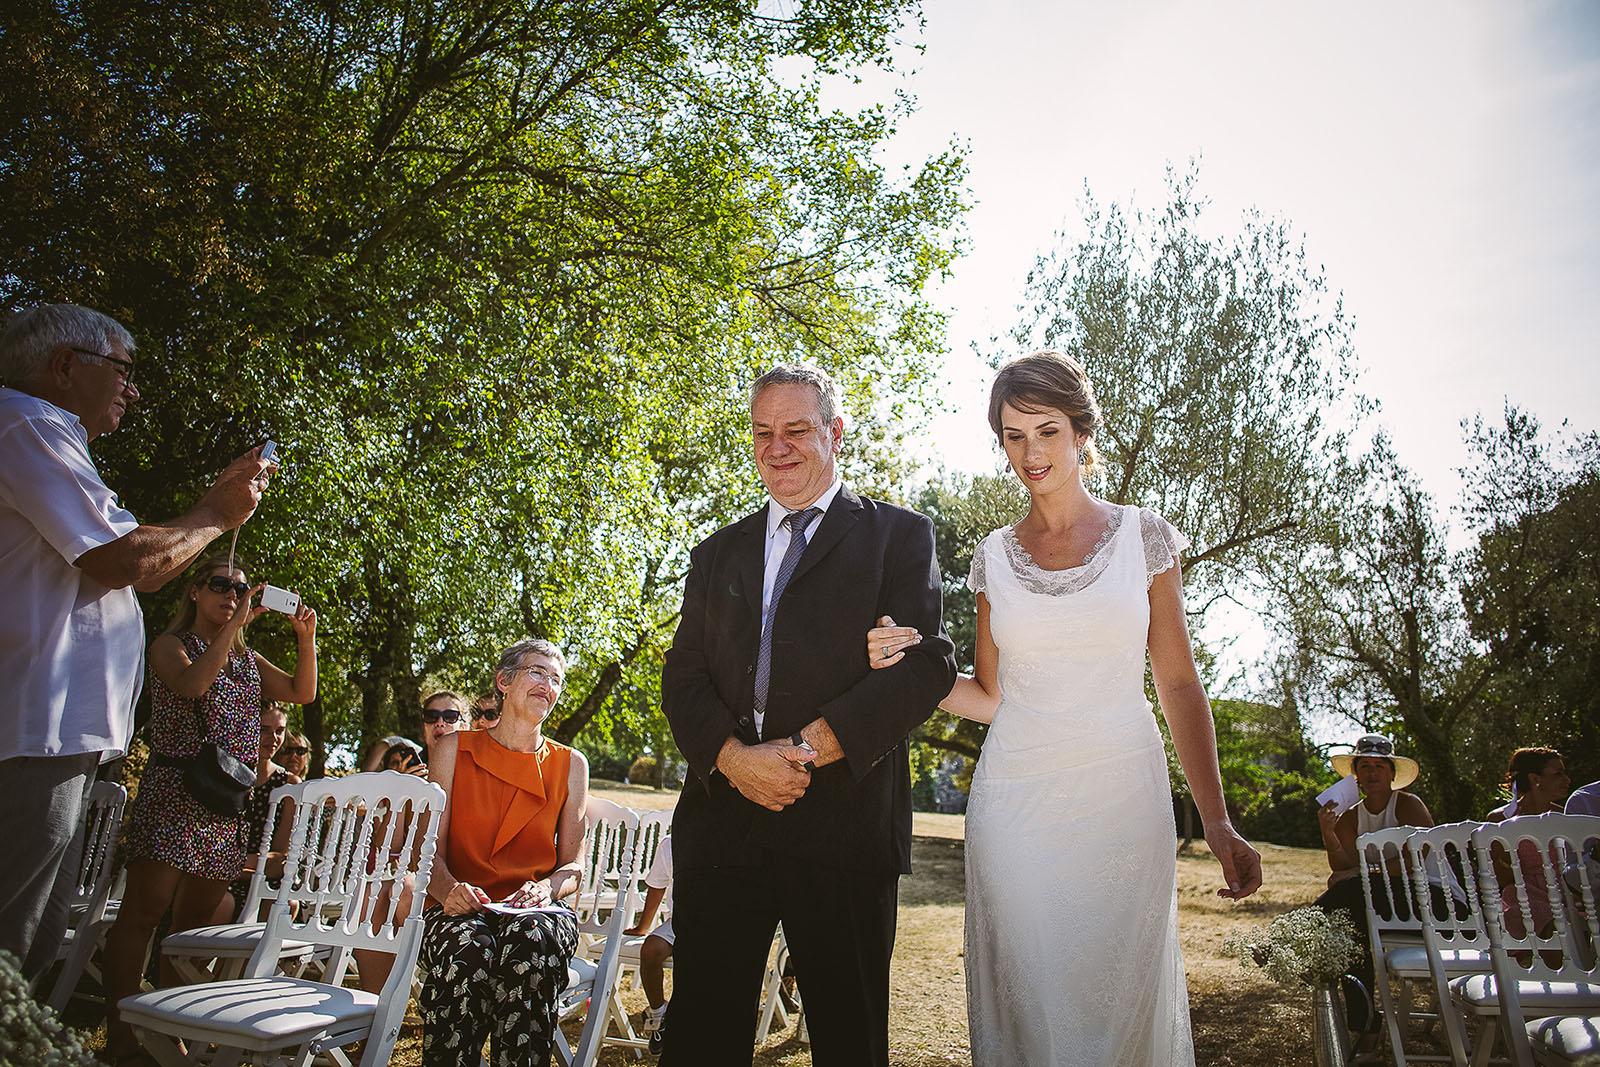 Mariage au Comptoir Saint Hilaire. Arrivée de la mariée au bras de son père à la cérémonie laïque. David Pommier photographe de mariage